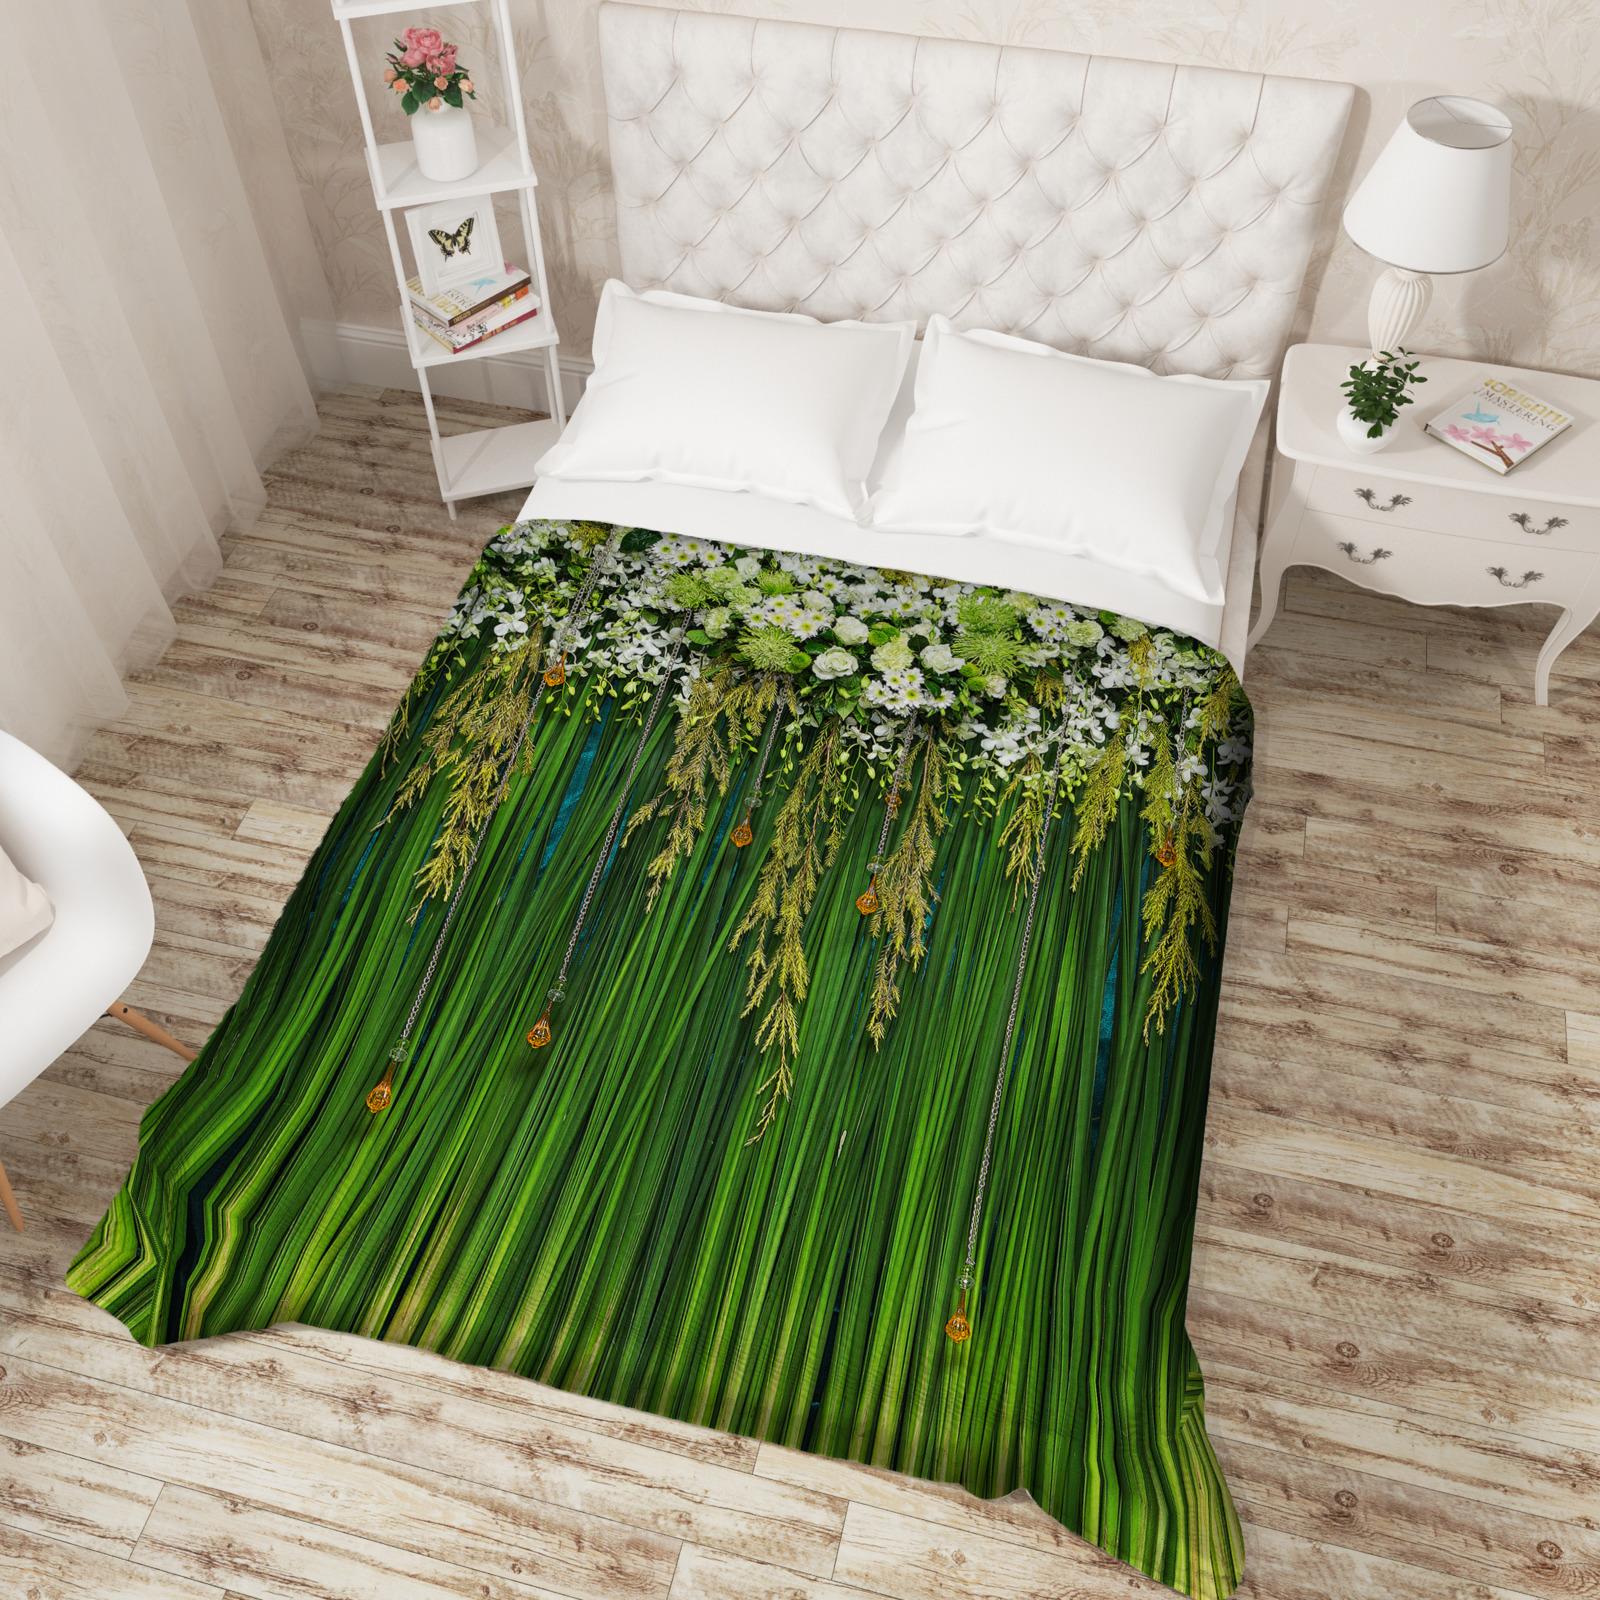 первом плед бамбуковый отзывы и фото квартиры